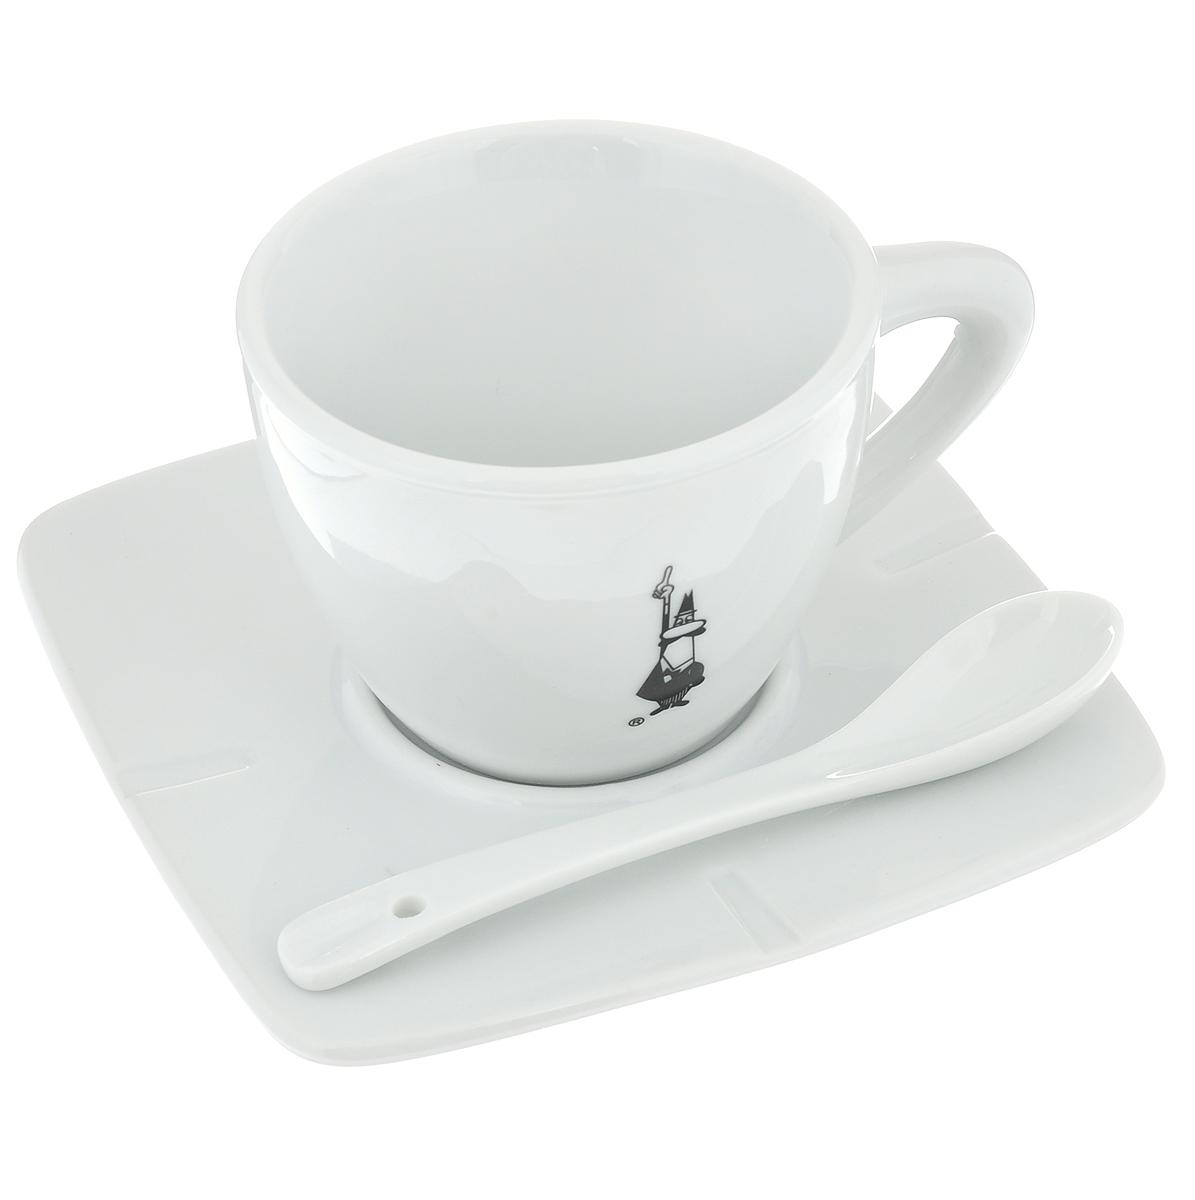 Набор для кофе Bialetti, цвет: белый, черный, 3 предмета. 9892003098920030Набор для кофе Bialetti состоит из чашки, блюдца и ложки, изготовленных из фарфора. Набор оригинального дизайна станет изысканным и желанным подарком любителю настоящего кофе. Можно мыть в посудомоечной машине.Объем чашки: 160 мл. Высота чашки: 6,5 см. Диаметр чашки: 8 см. Размер блюдца: 13 см х 13 см. Длина ложки: 12 см. Размер рабочей части ложки: 3,5 см х 2,3 см.